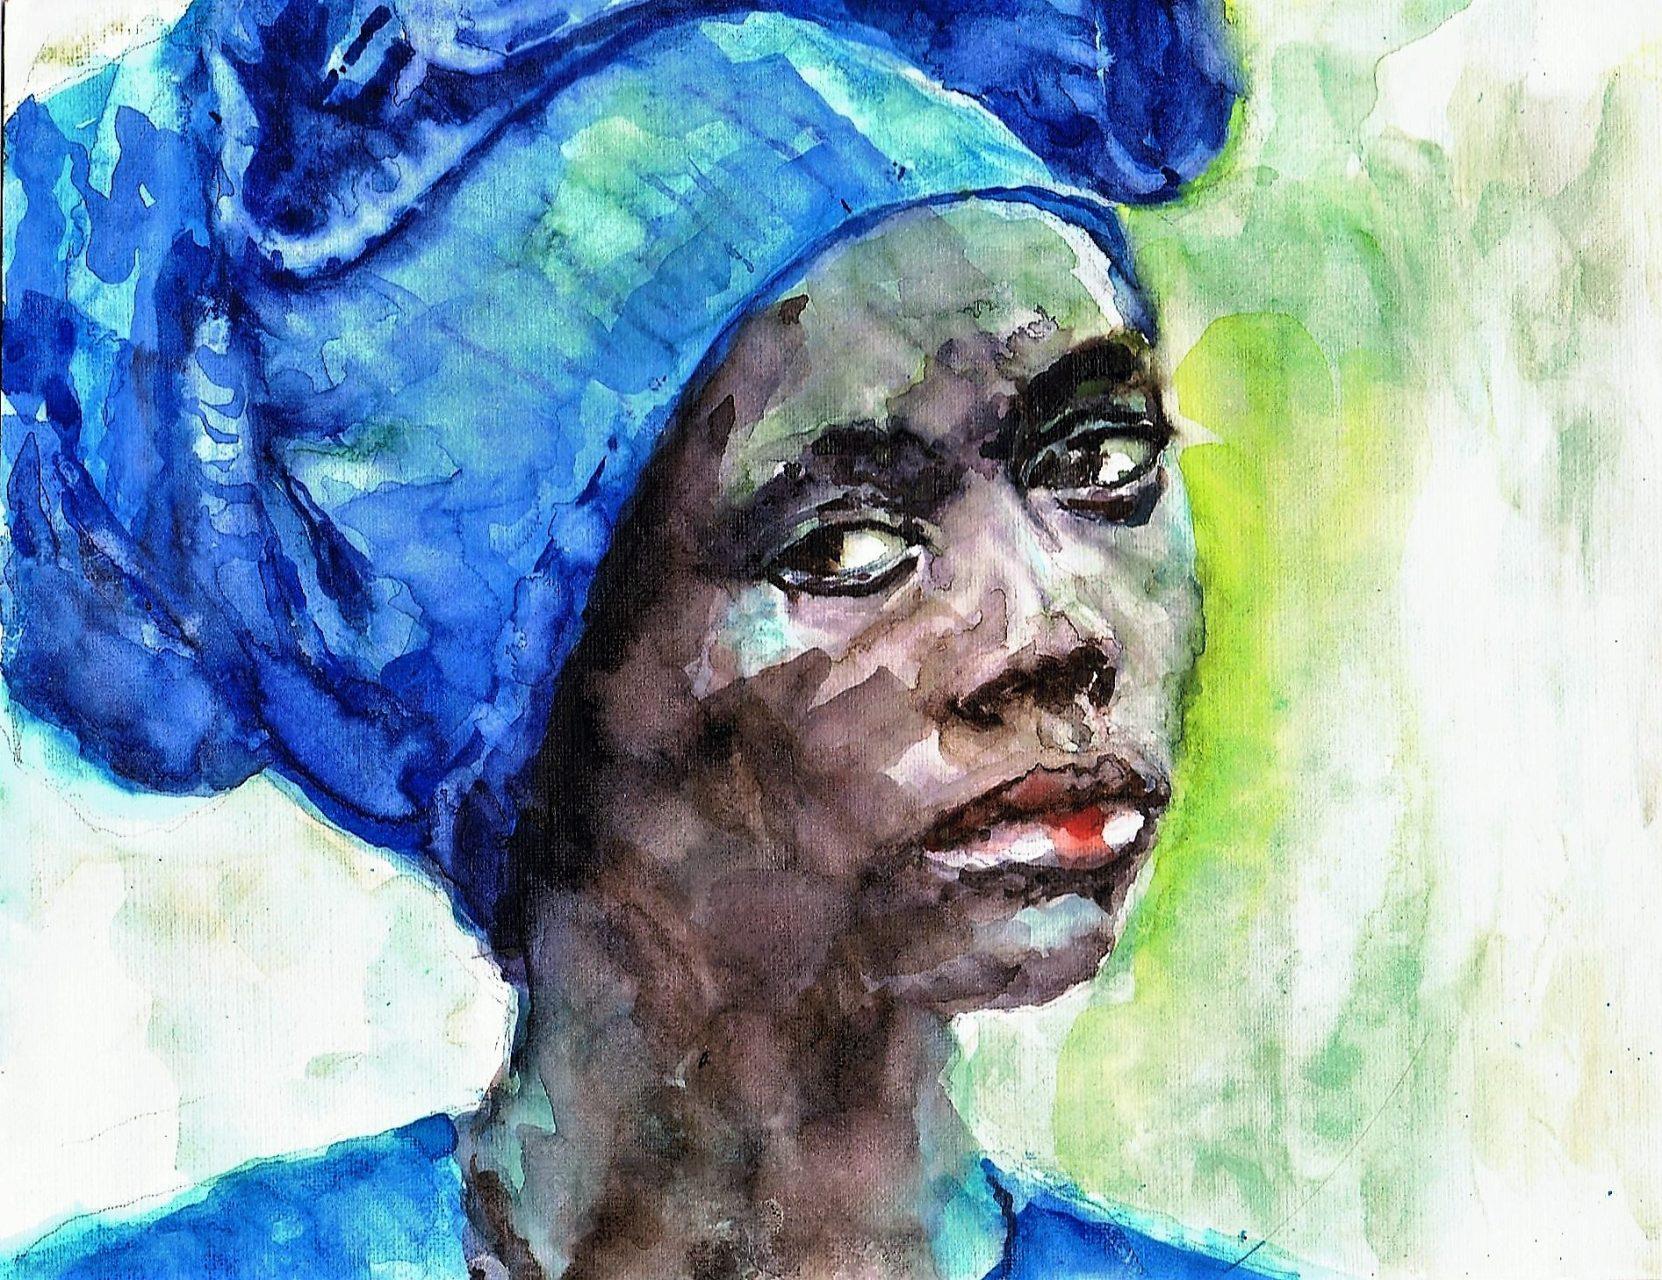 365 dagen een portret 134 Afrikaanse met blauwe trui Aquarel 19c25 Afbeelding 244-AFRIKAANSE-MET-BLAUWE-TRUI-.jpeg 365 dagen een portret 132 Afrikaanse met blauwe trui Aquarel 19c25 Bewerk Afbeelding reserve-2.jpeg 365 dagen een portret 133 Danseres Potlood 19c25 Bewerk